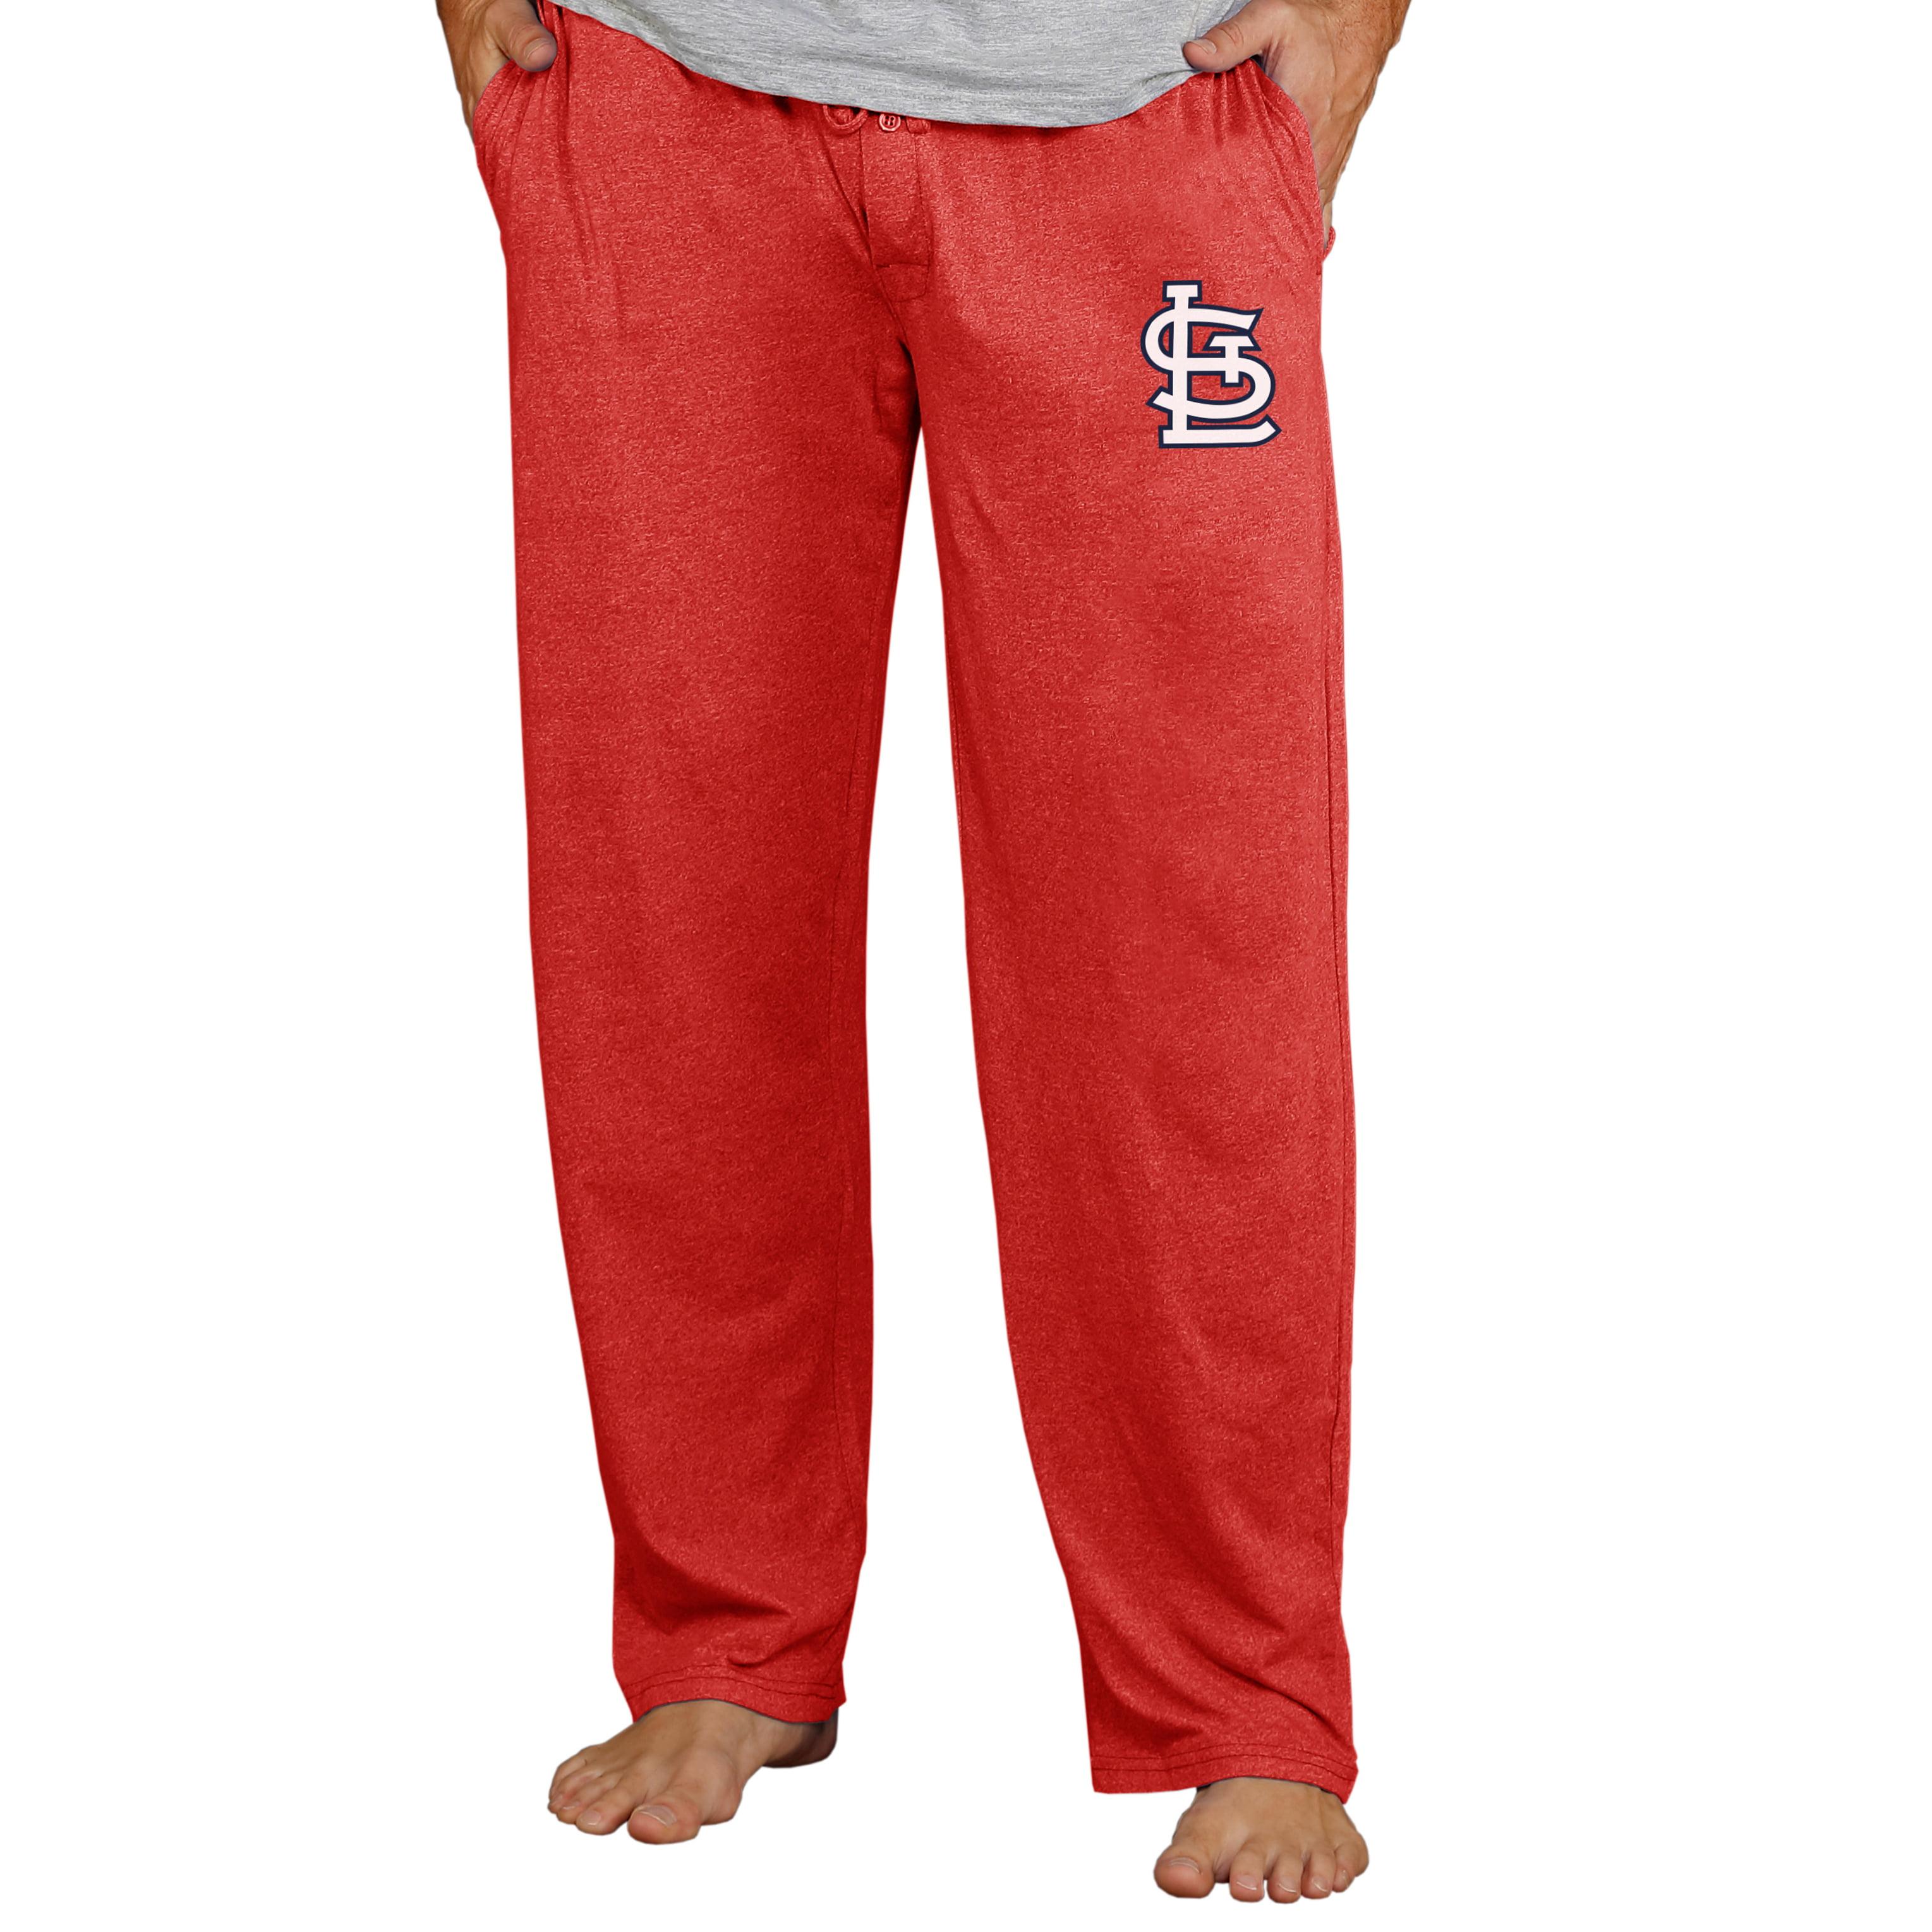 St. Louis Cardinals Concepts Sport Quest Lounge Pants - Red